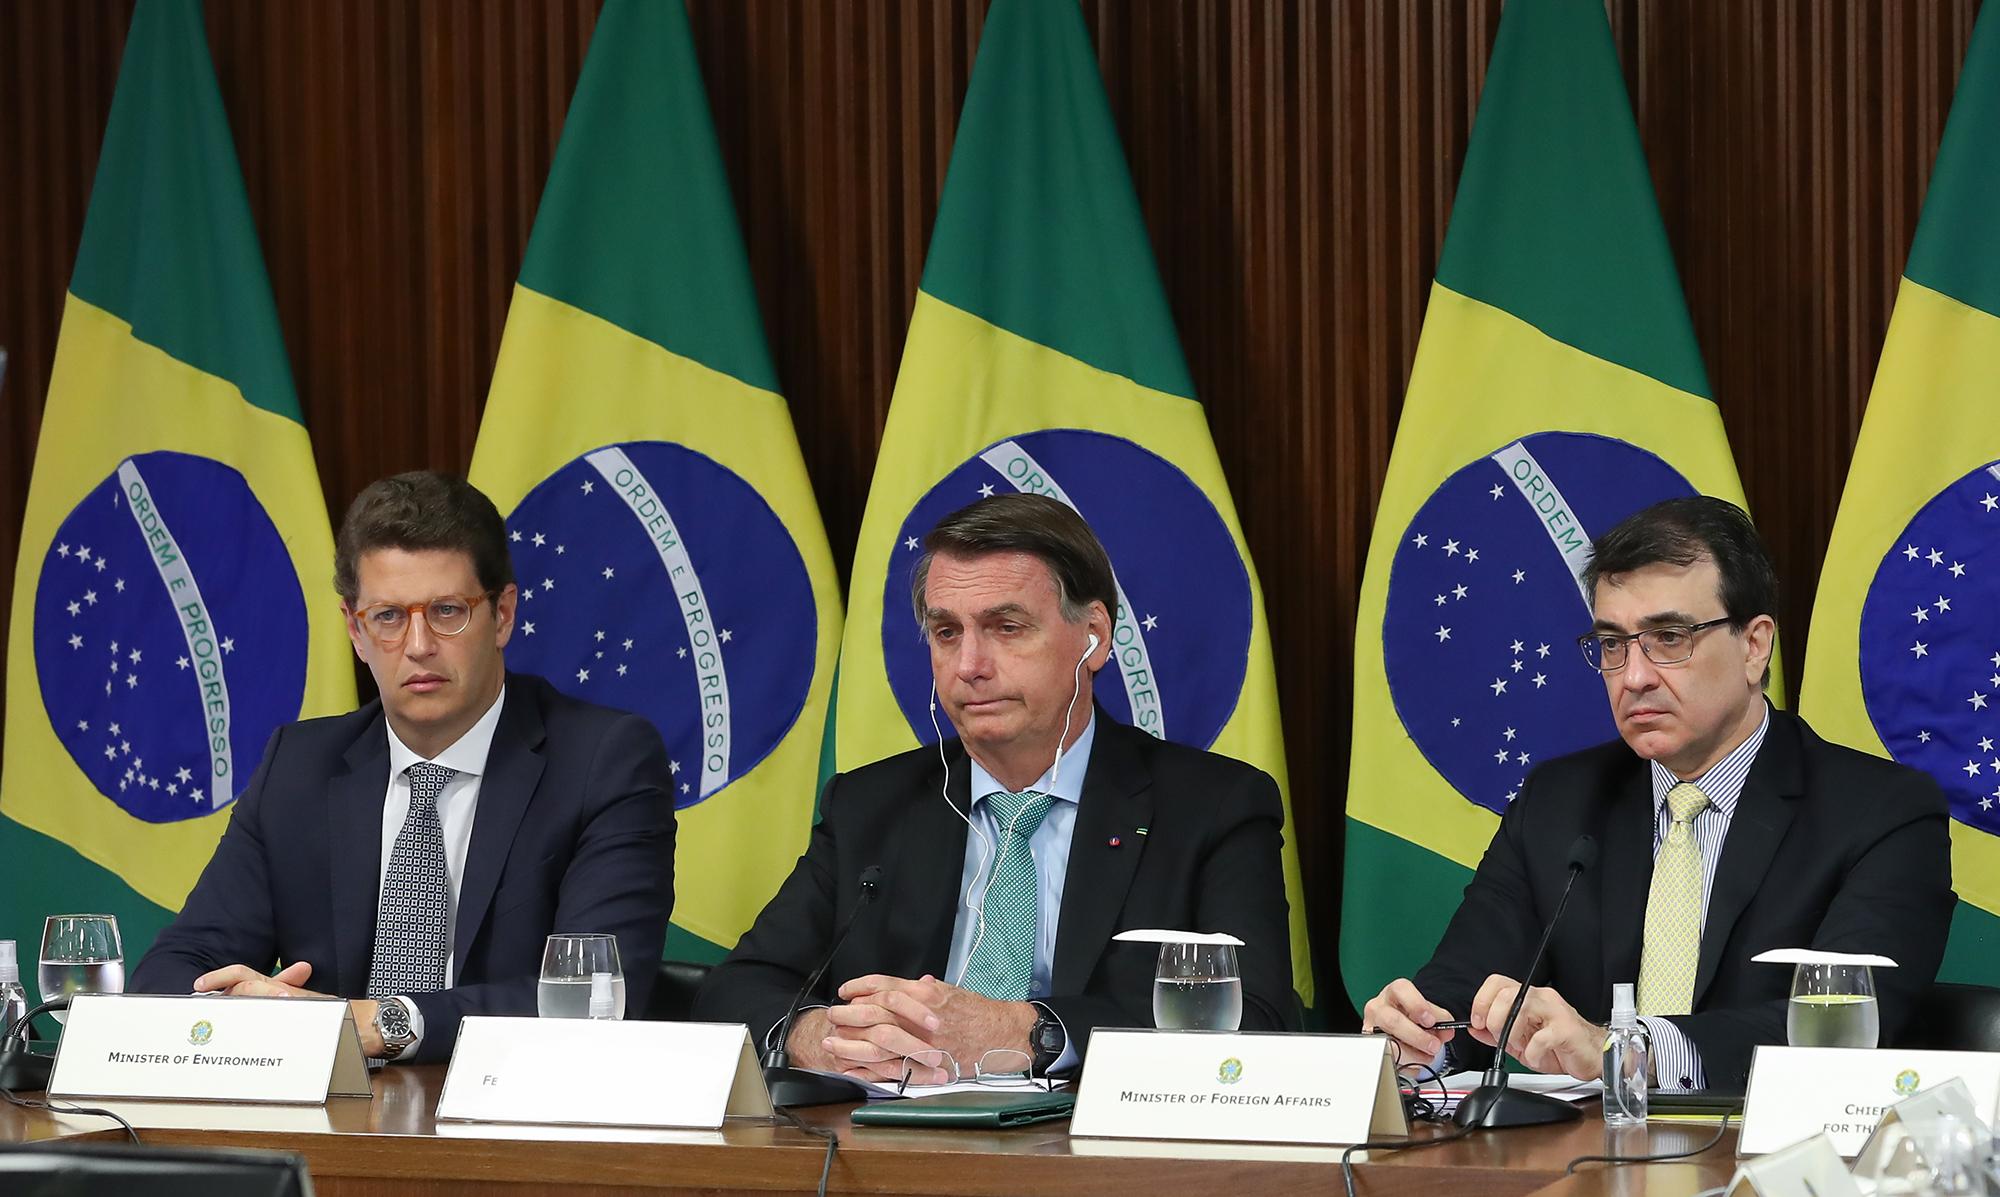 Desmatamento ilegal zero, mais uma distorção do Bolsonaro